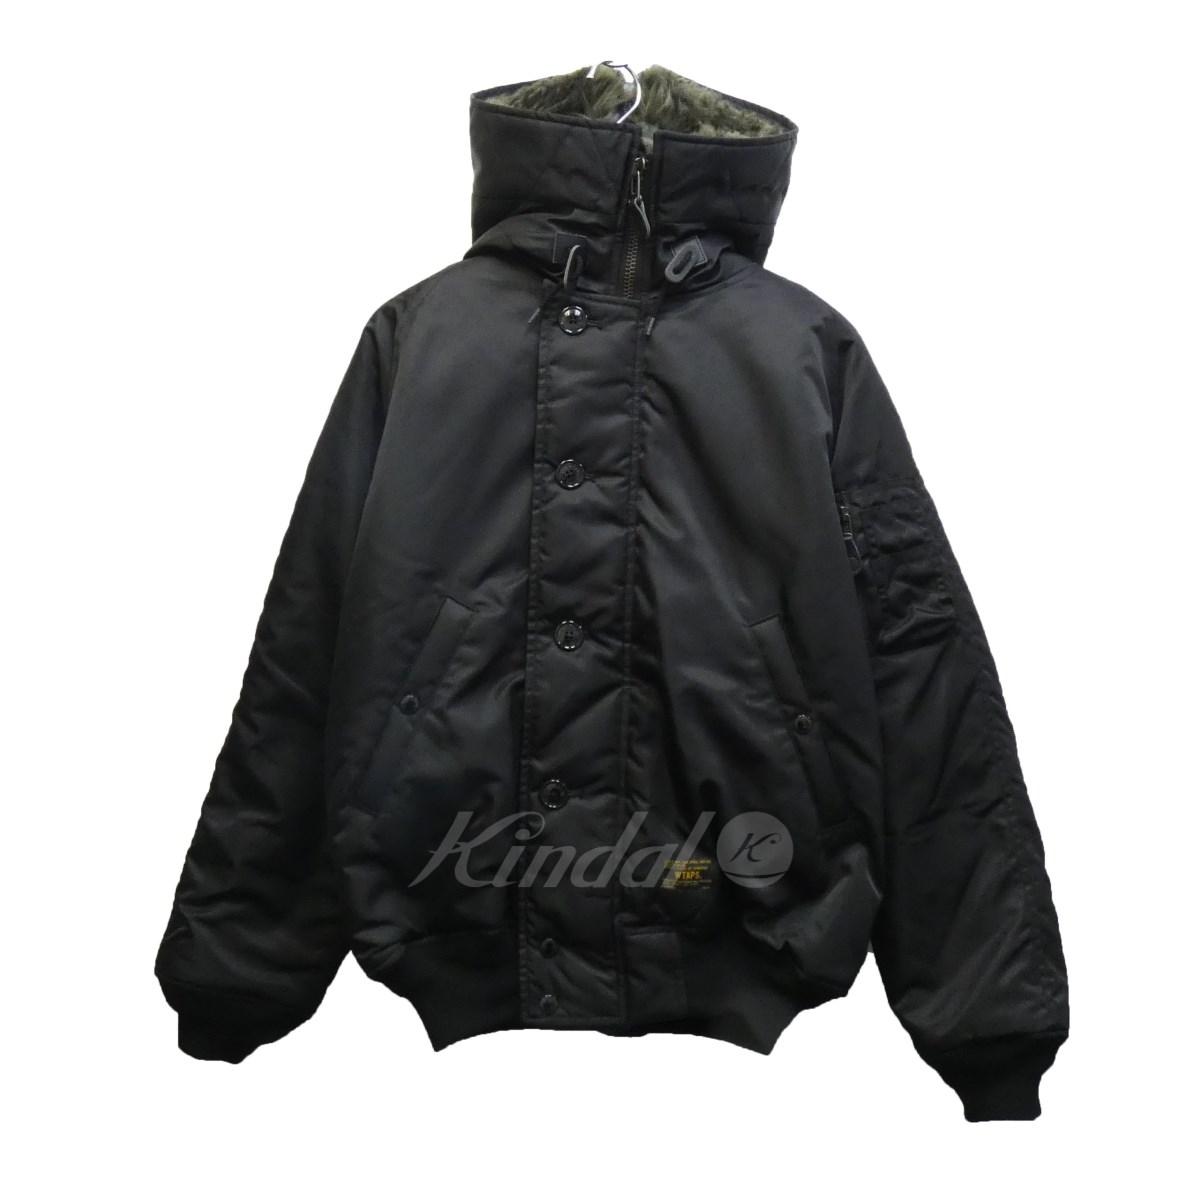 【中古】WTAPS 17AW 「N-2B」N-2Bミリタリージャケット ブラック サイズ:02 【260820】(ダブルタップス)